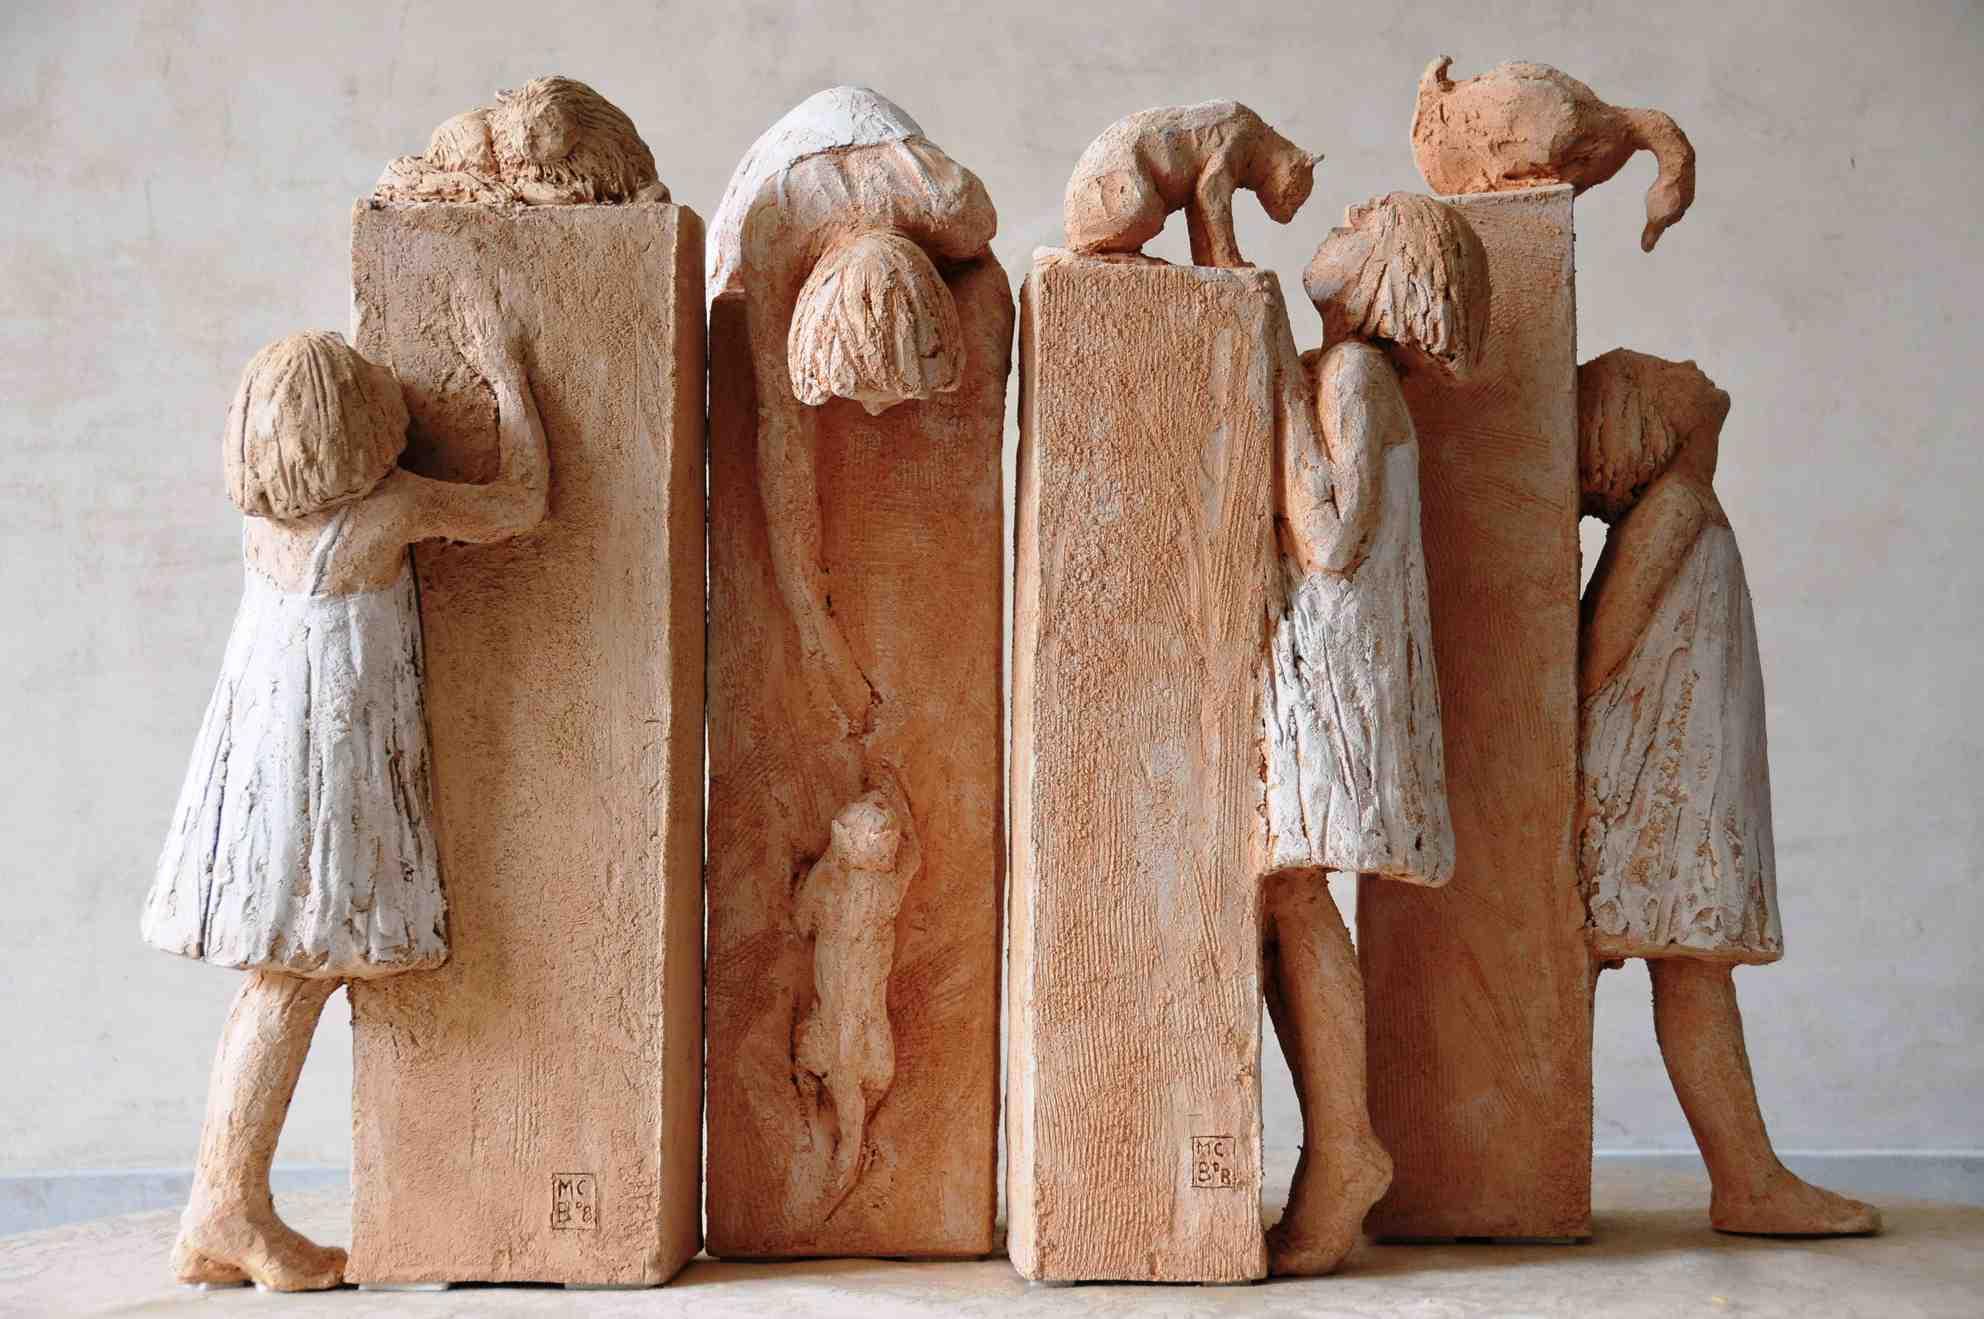 Venezia il 1 luglio apre una mostra sulla gestualit - Arte bagno veneta quarto d altino ...